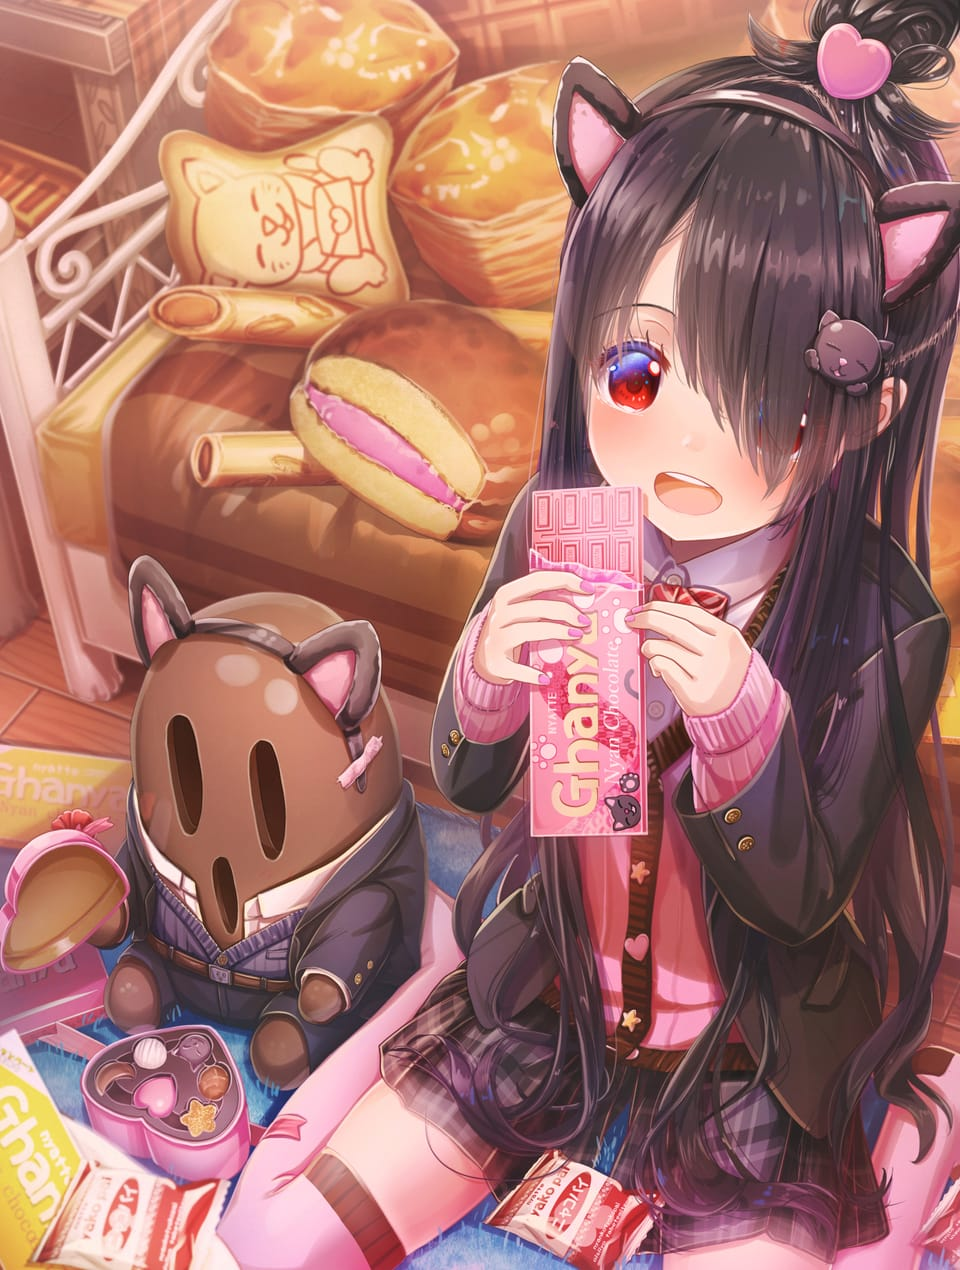 ネコネコニャレンタインギフト Illust of あいうあぼ cat_ears girl 猫の日 original uniform キュロットスカート Valentine